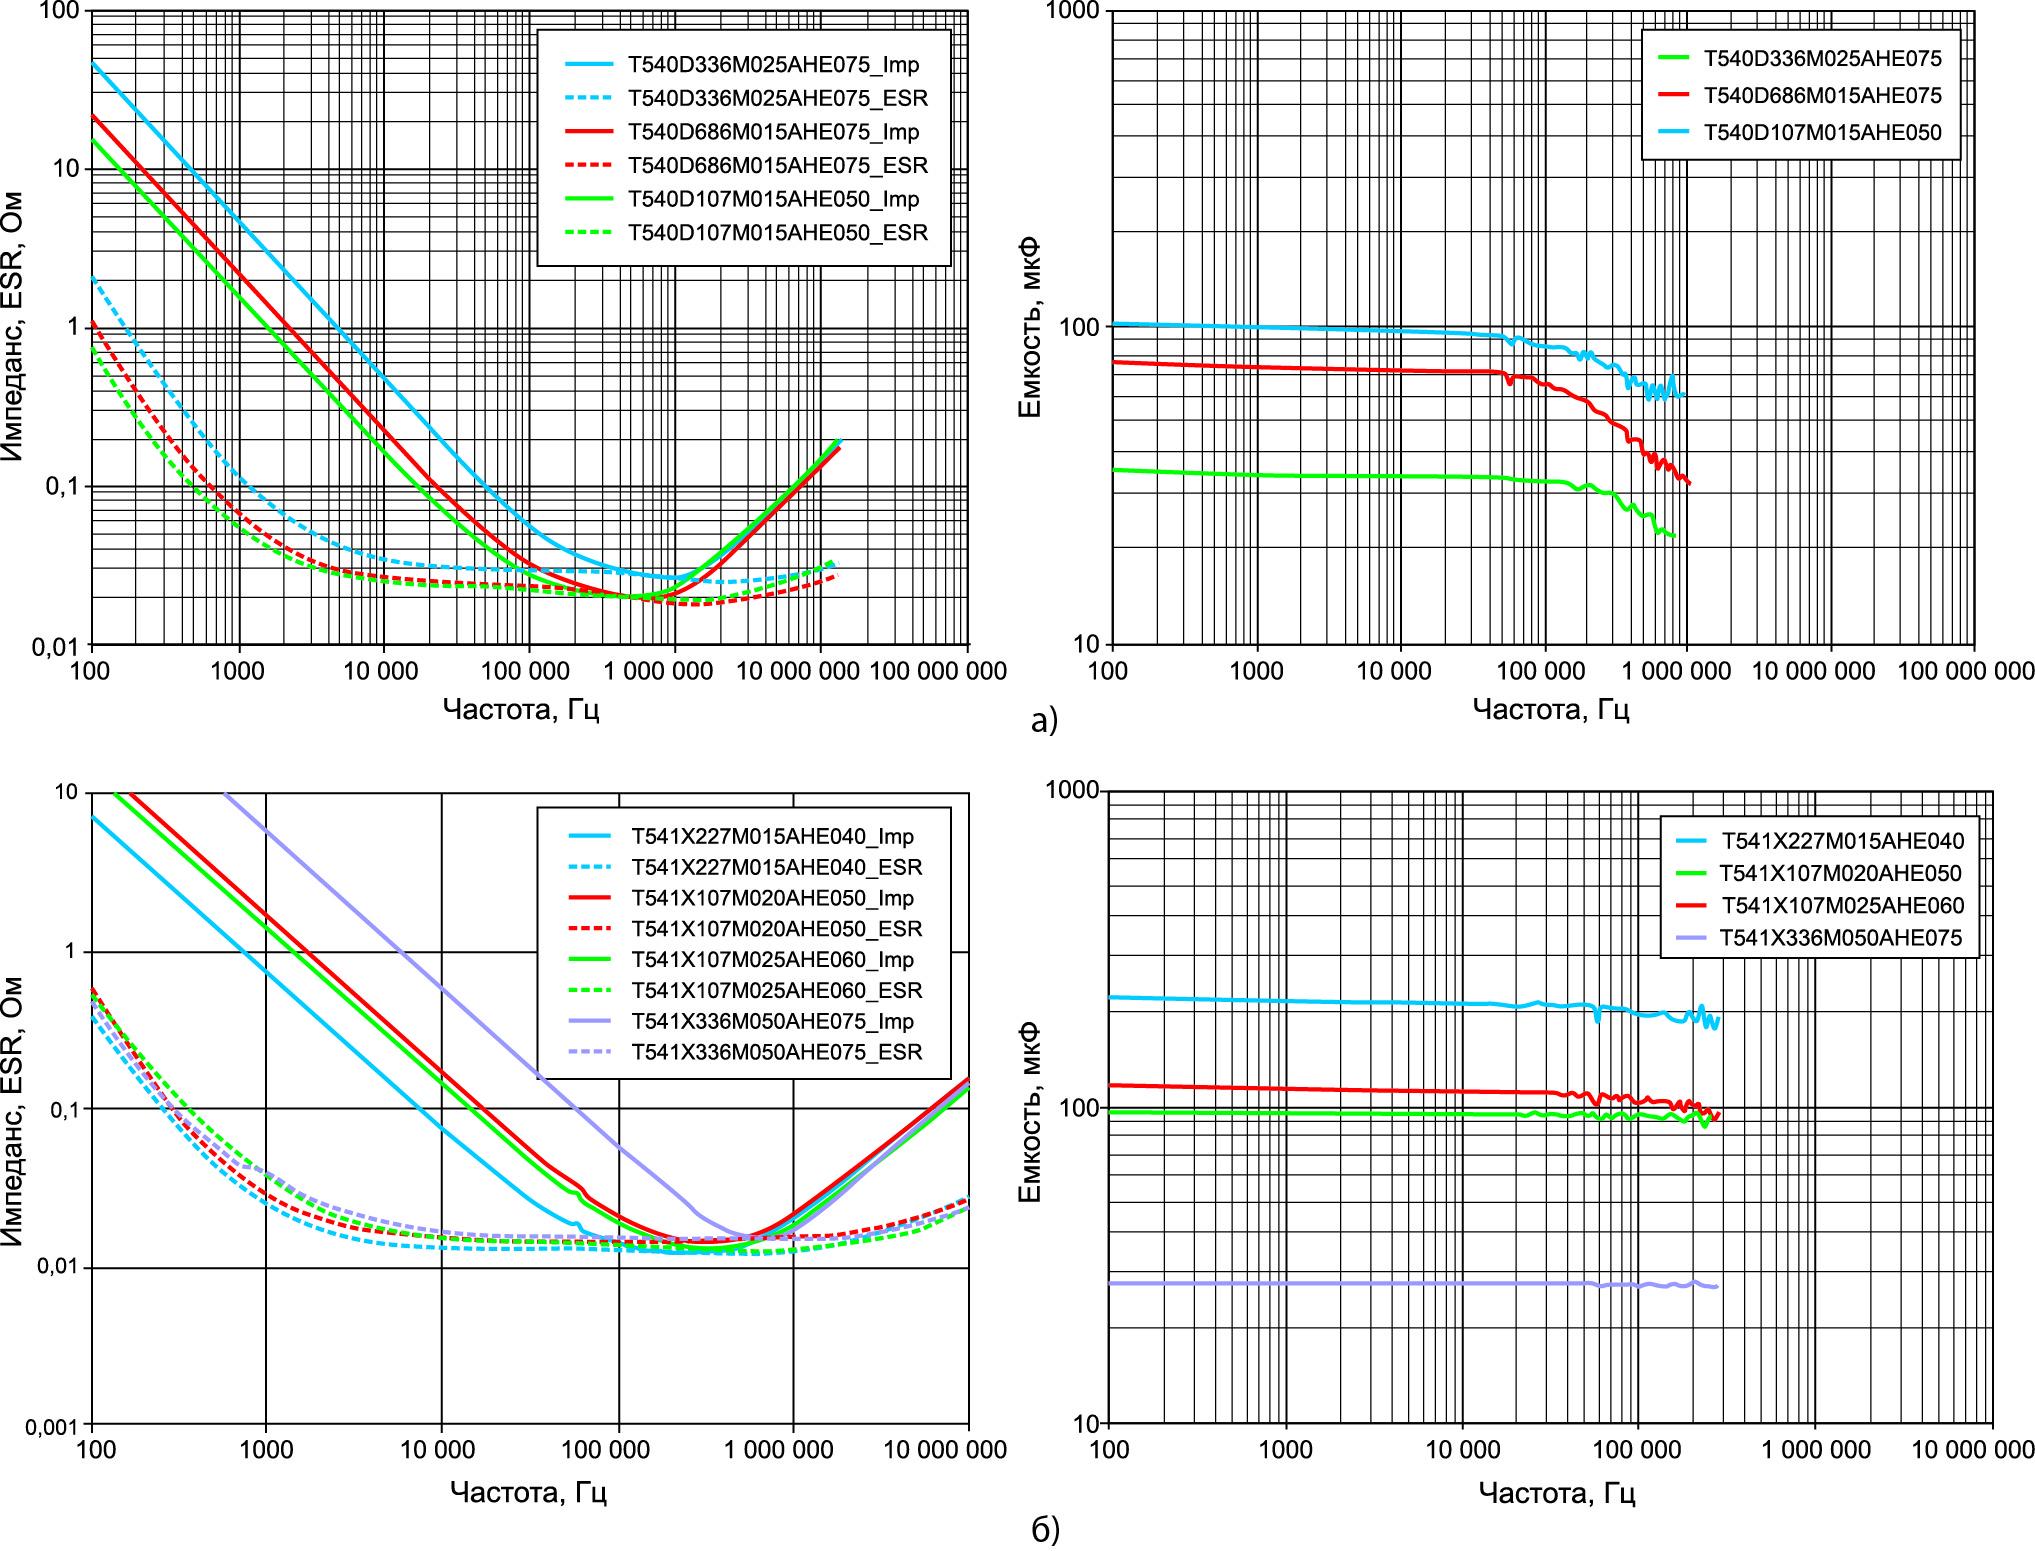 Графики зависимости ESR и импеданса от частоты и емкости от частоты конденсаторов серий